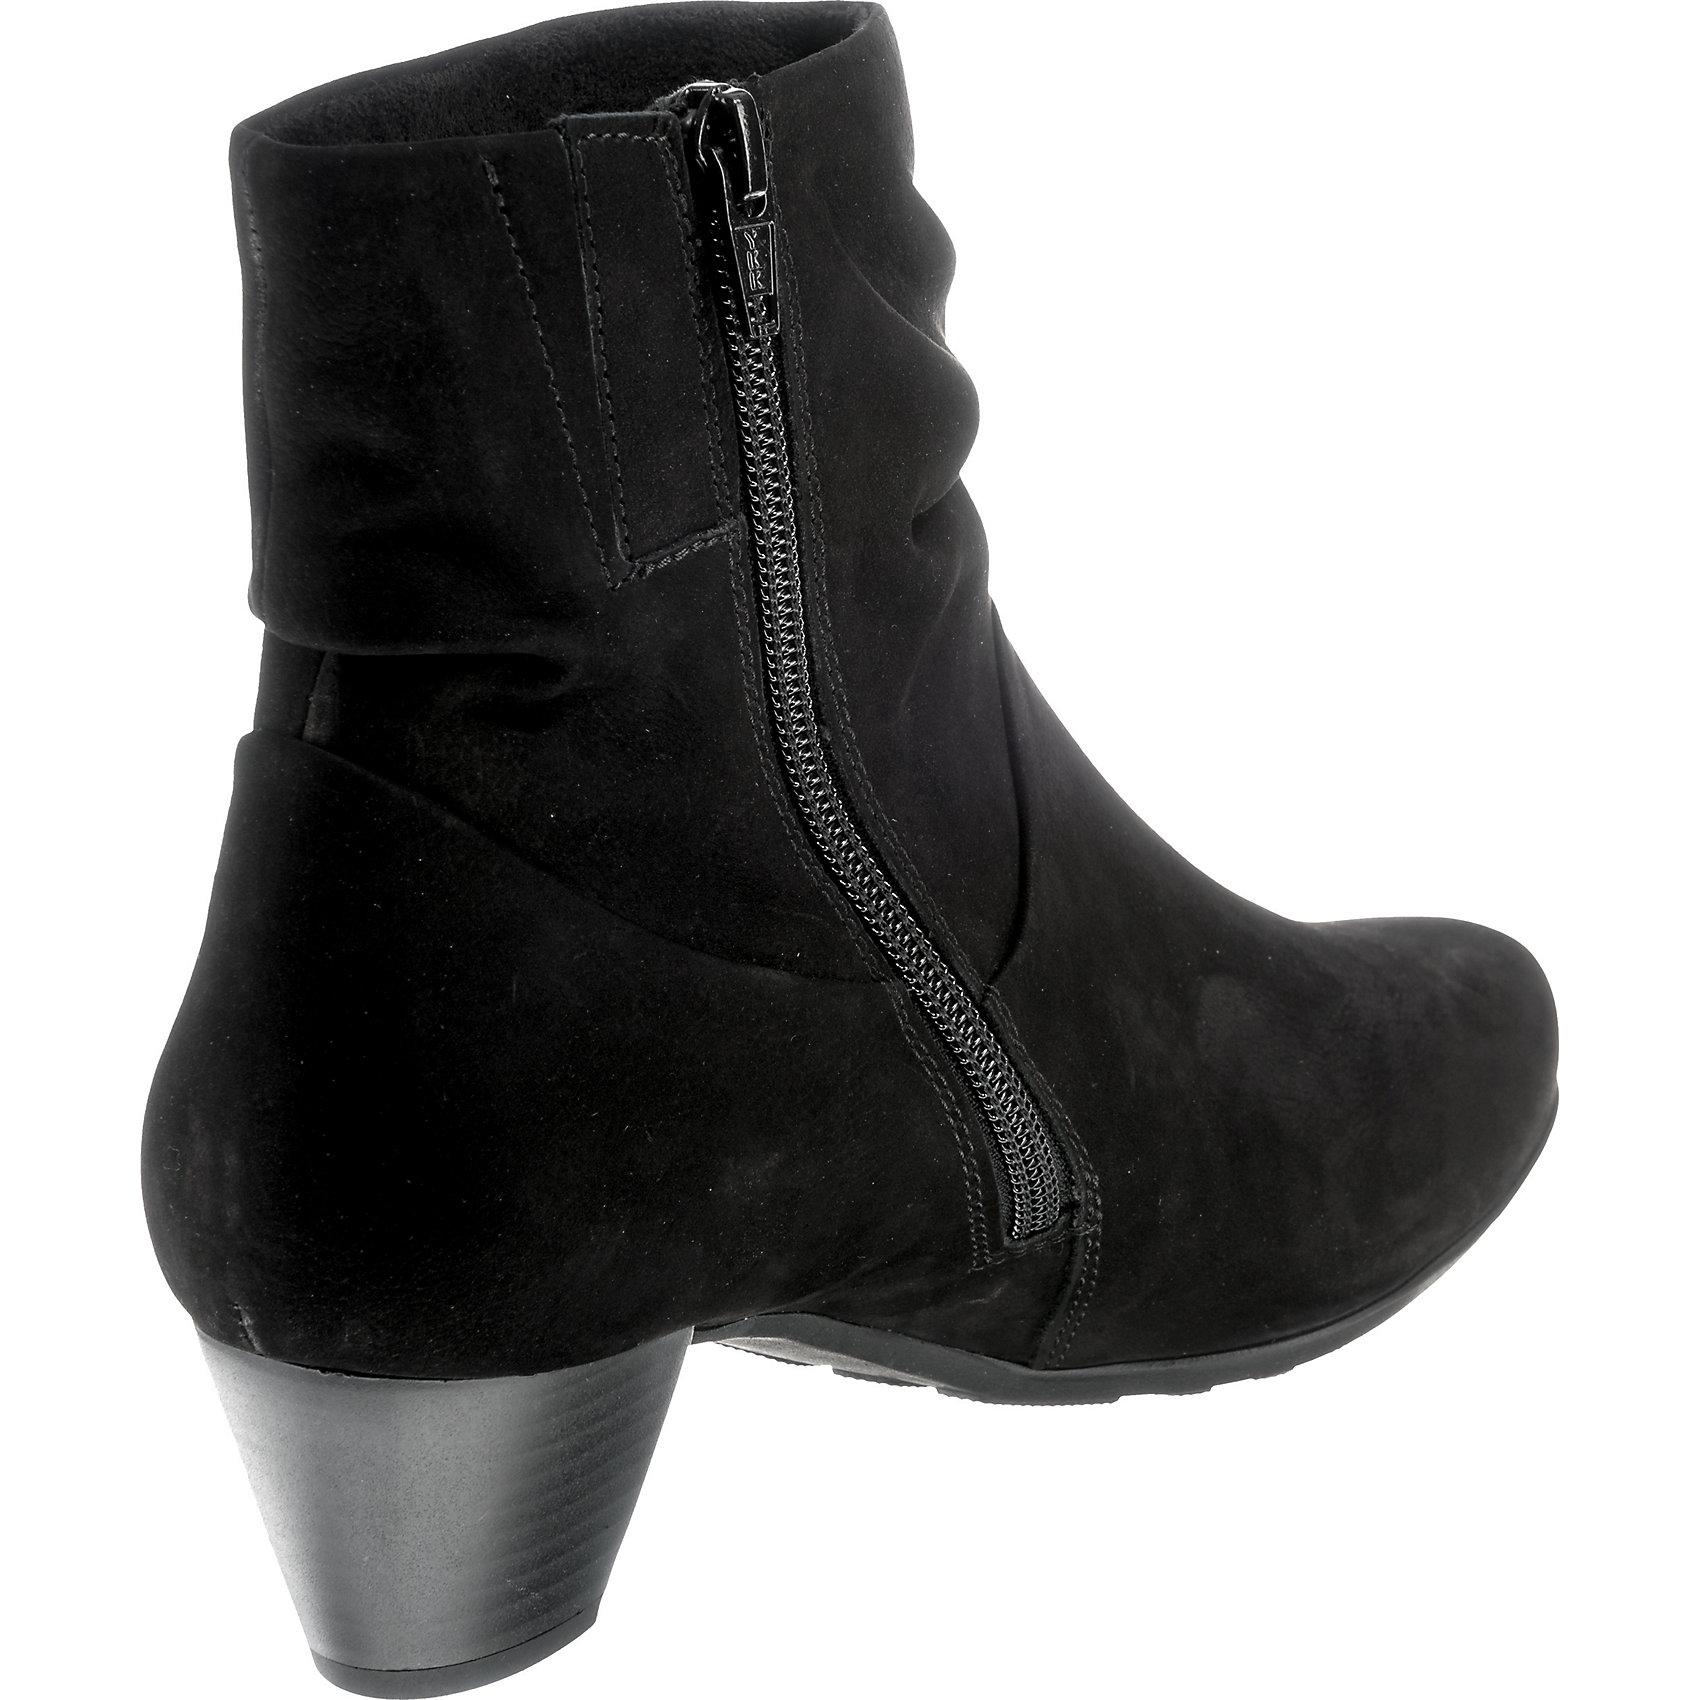 Neu Gabor für Klassische Stiefeletten 8781152 für Gabor Damen schwarz fd5627